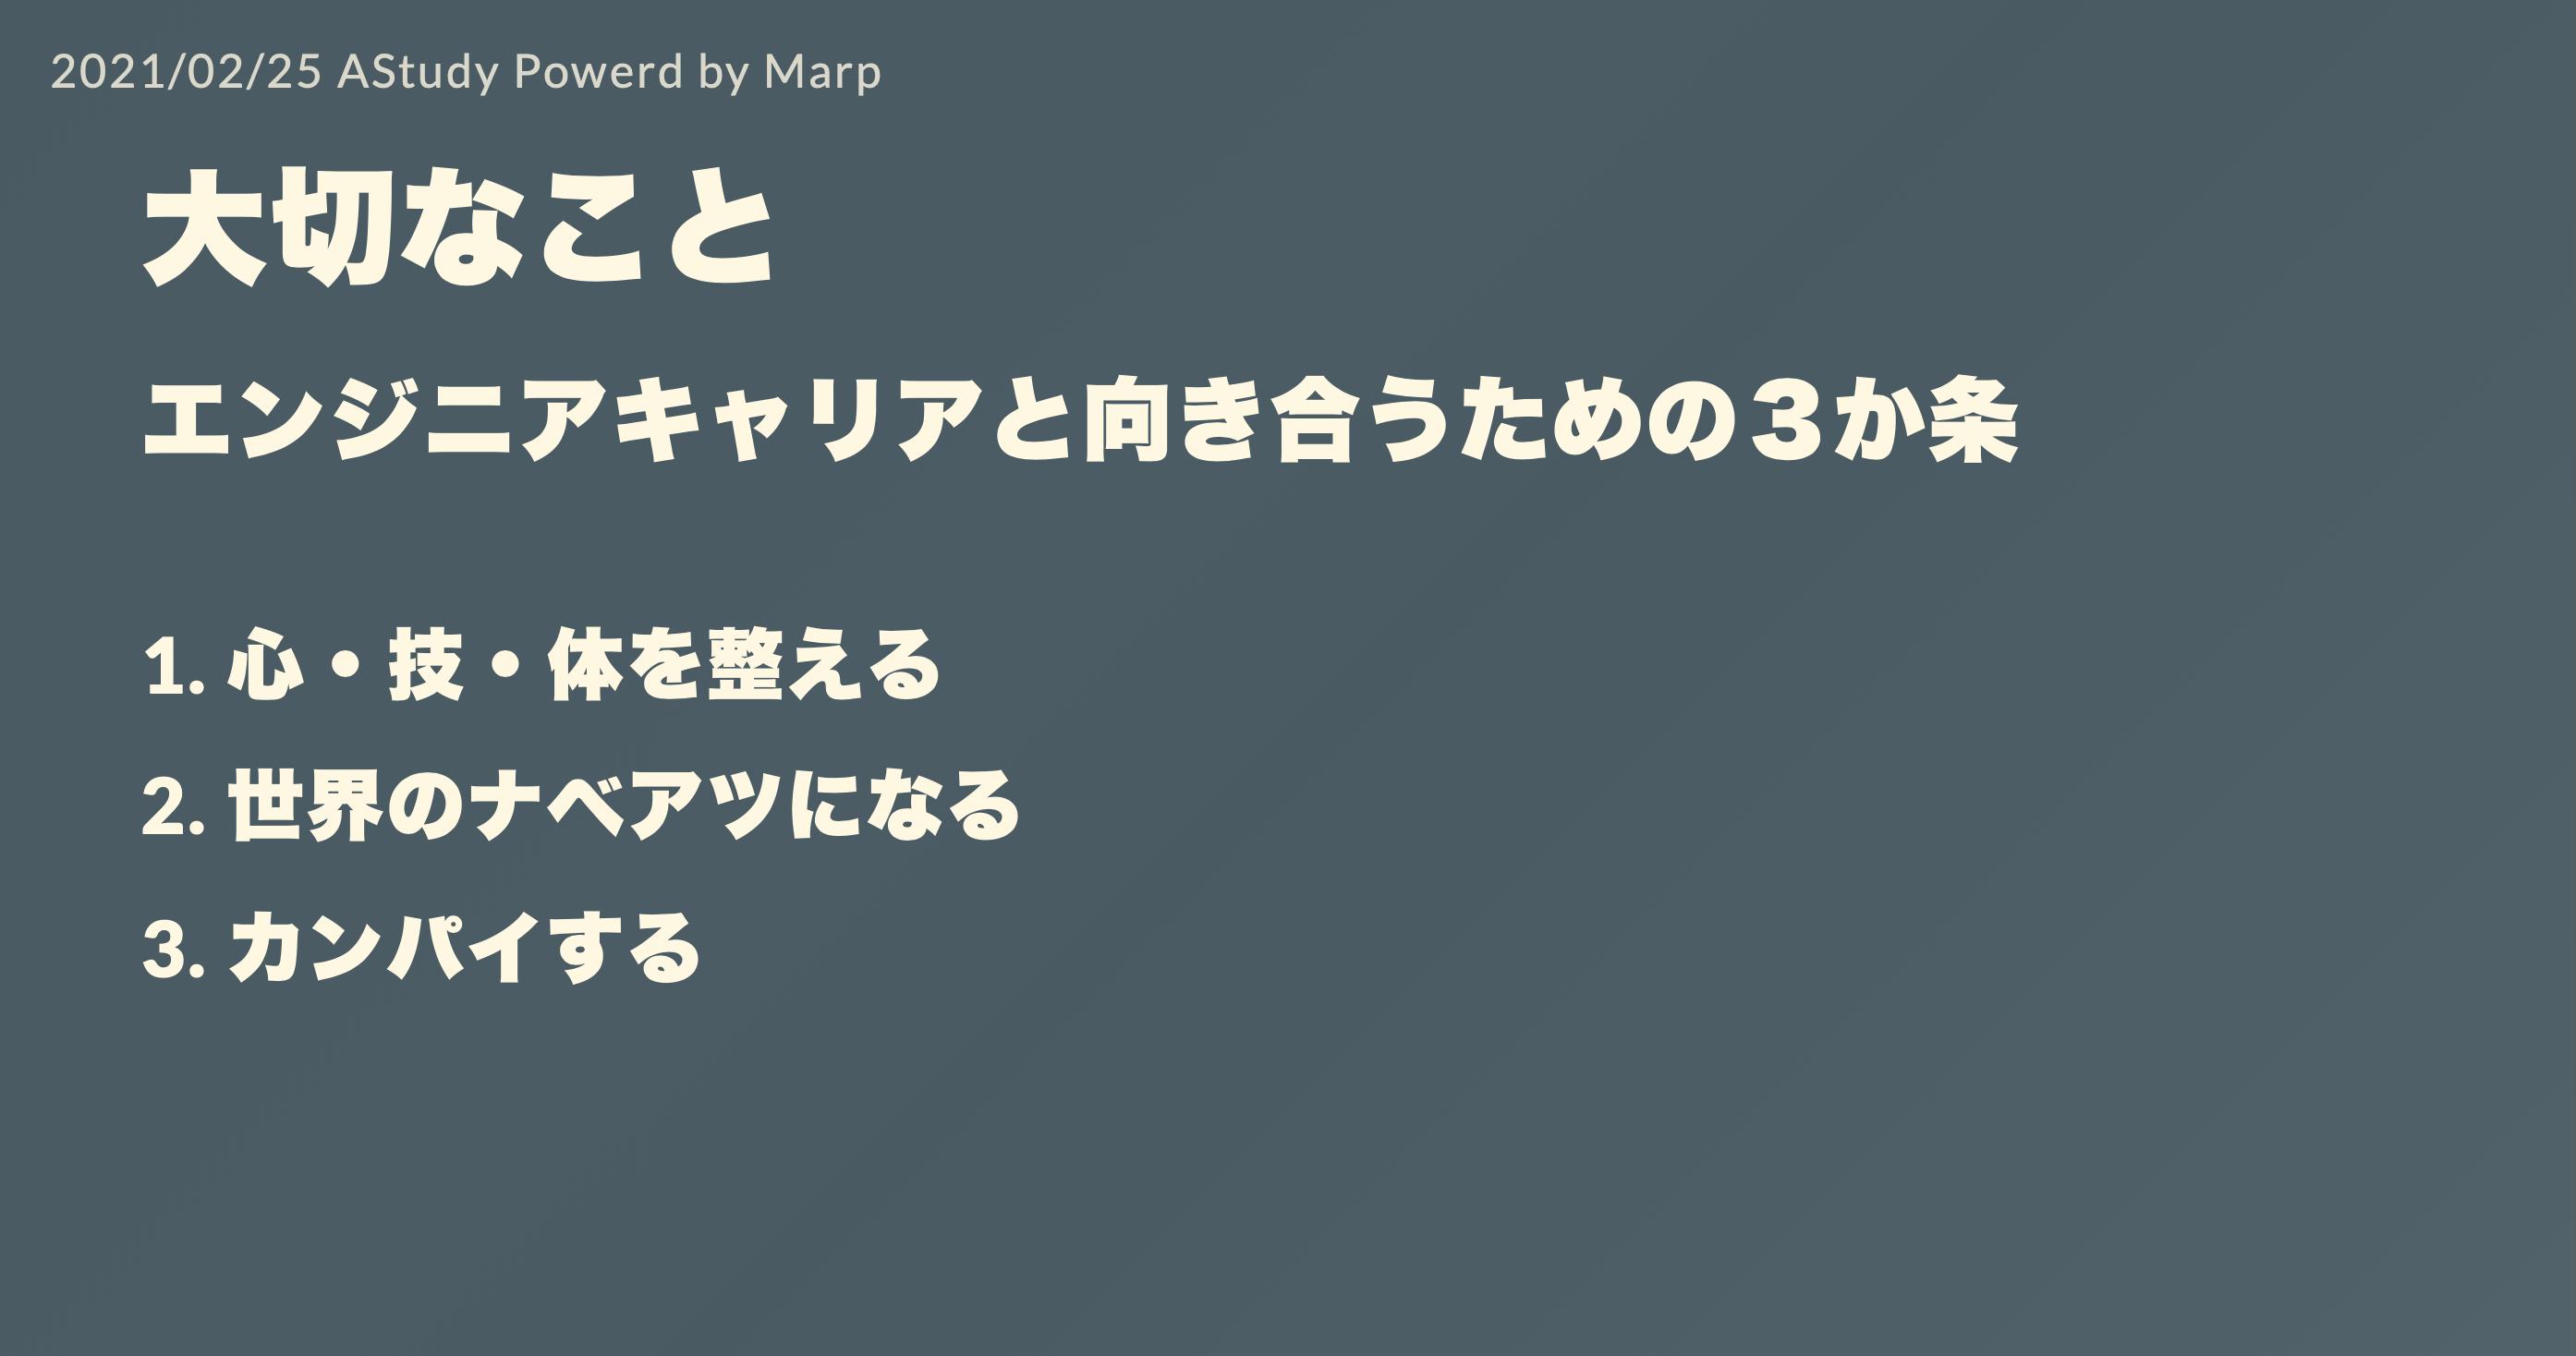 atusy_no26_03.png